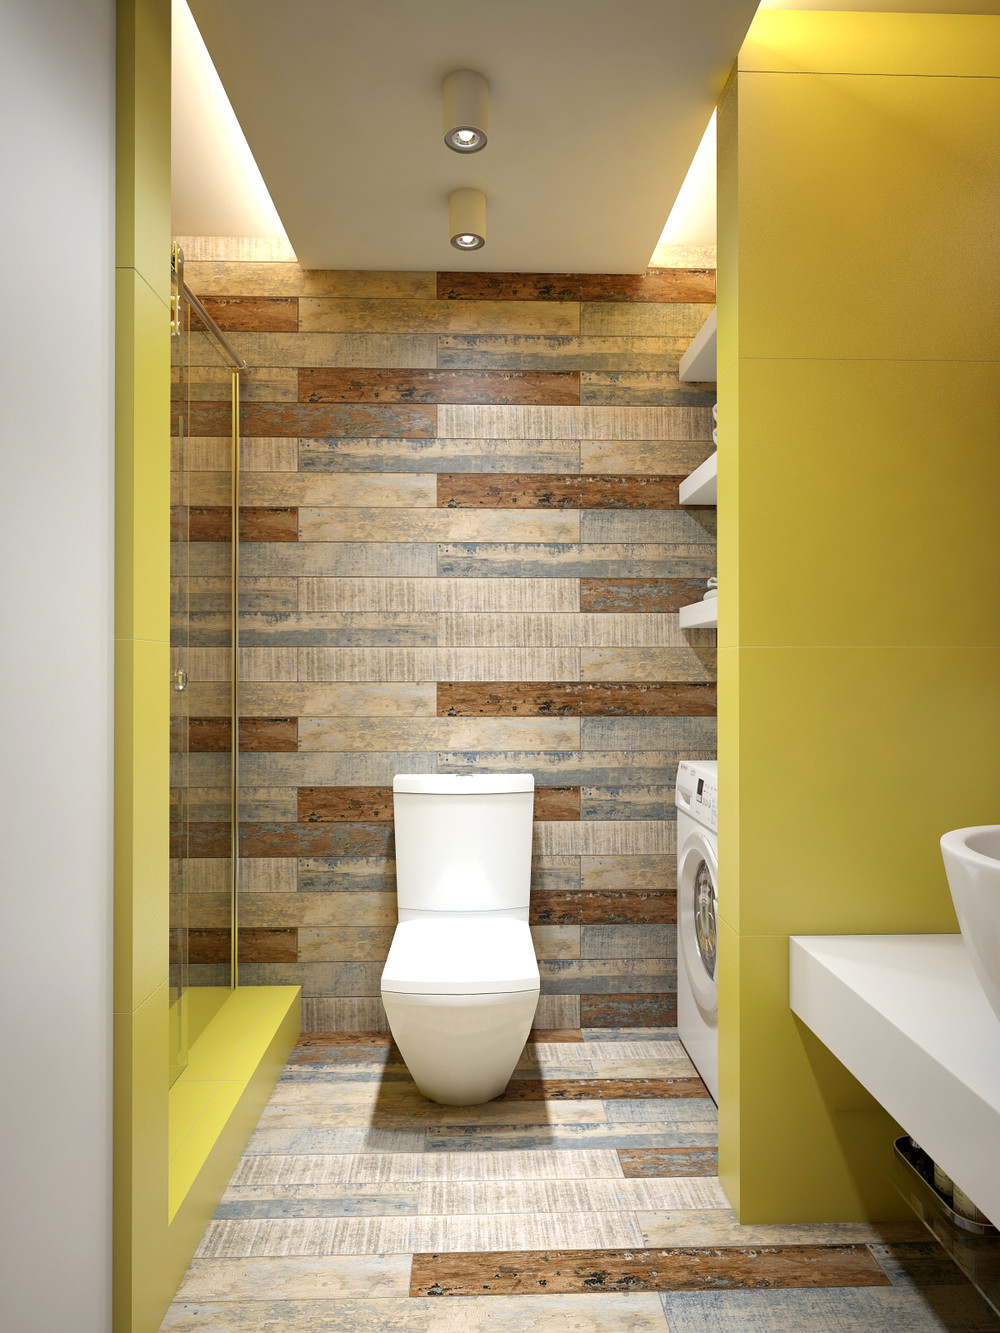 Wedo thiết kế nội thất hoàn hảo cho không gian mở nhỏ